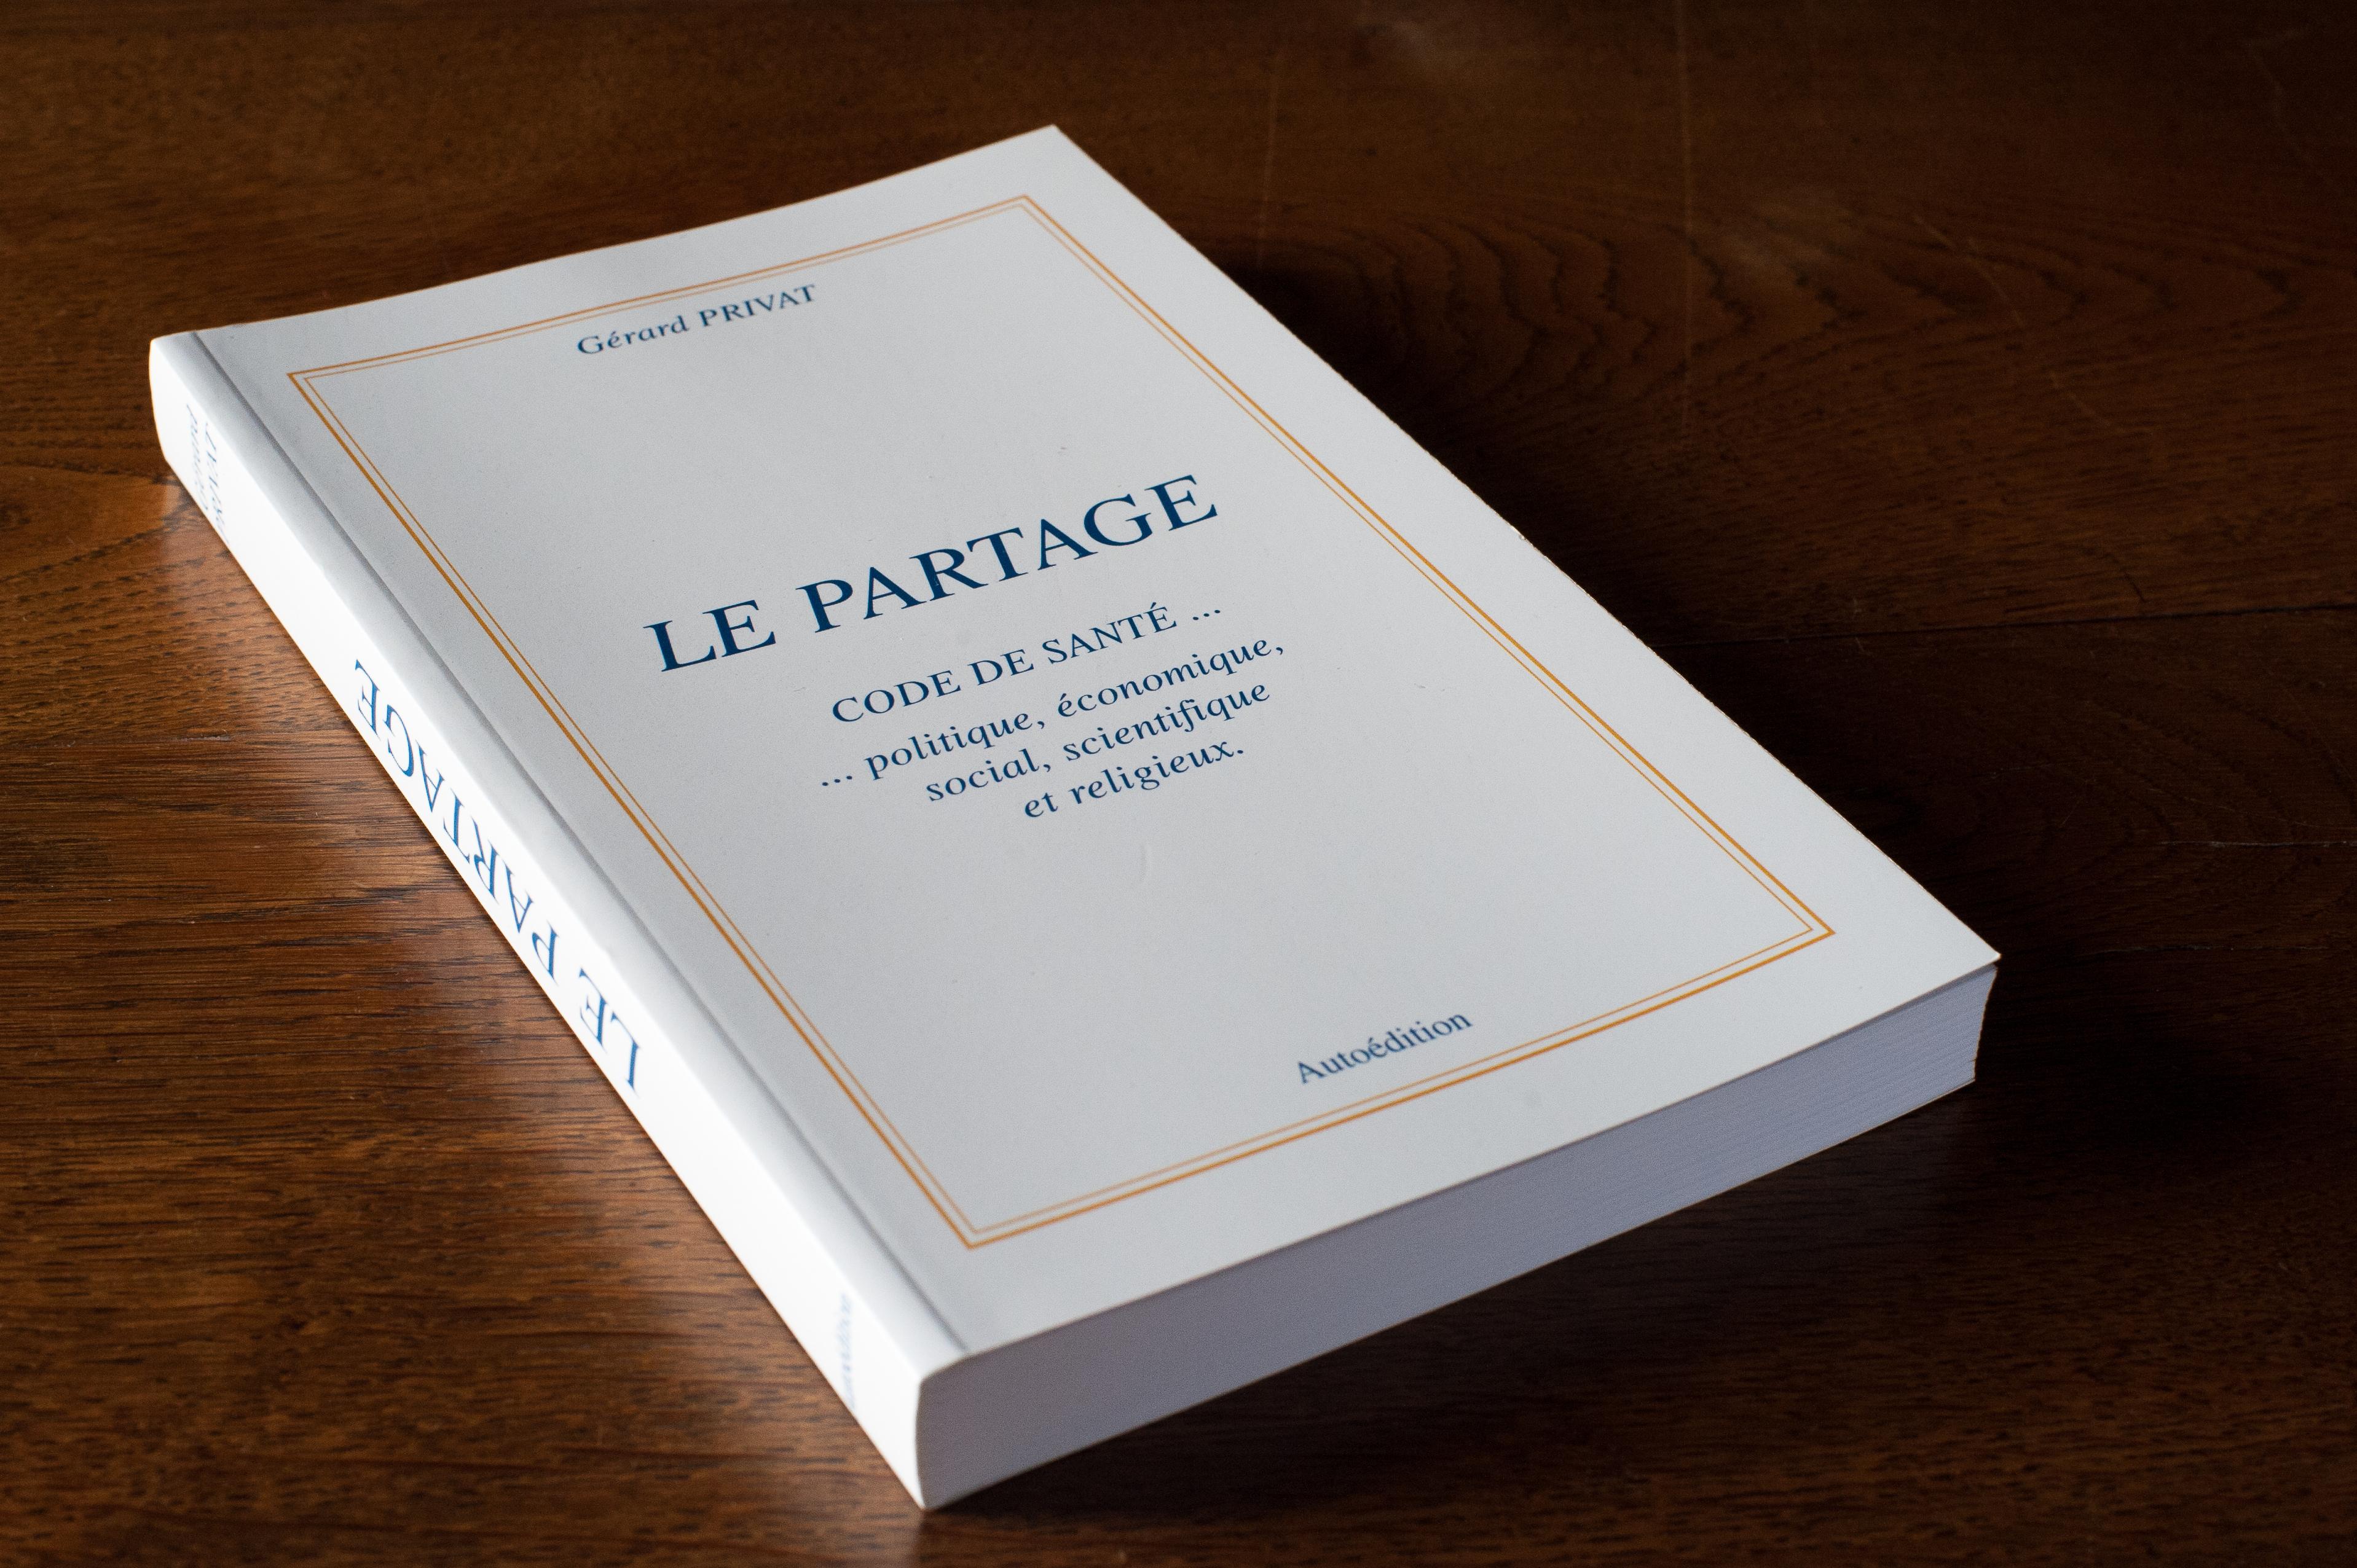 Livre Le partage - Code de santé... politique, économique, social, scientifique et religieux